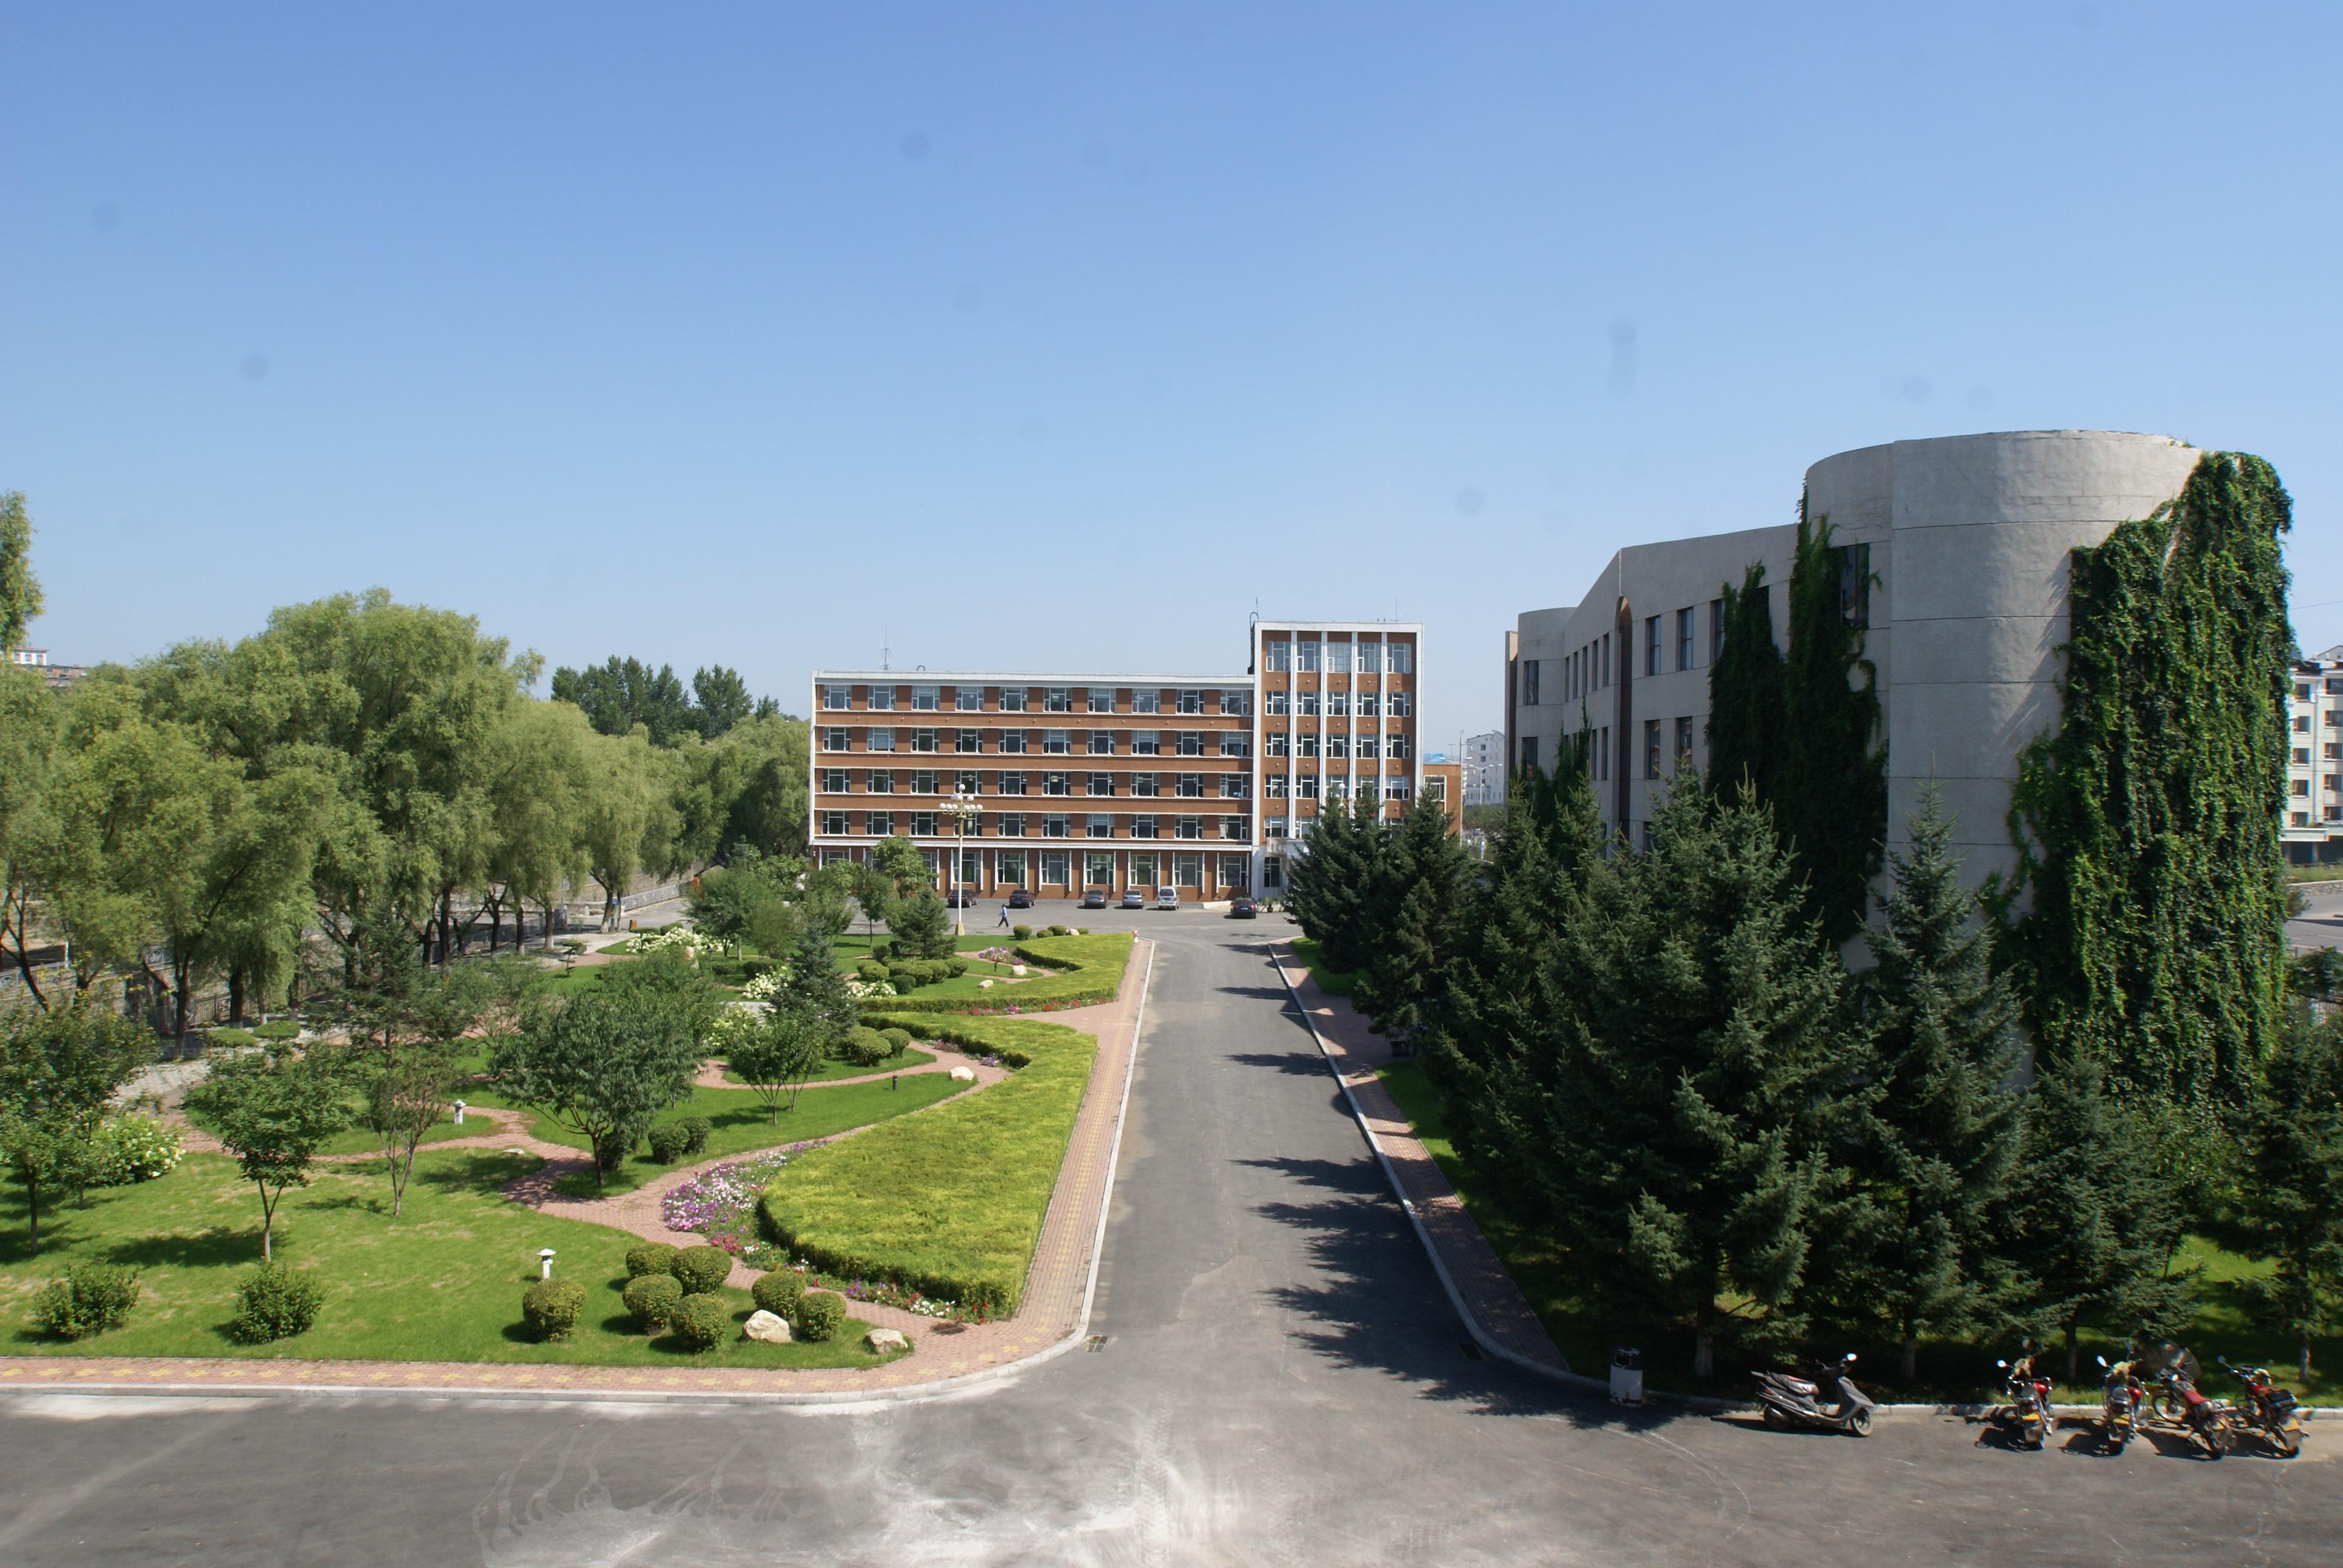 辽源职业技术学院是国家教育部批准成立的一所公立的,专科层次